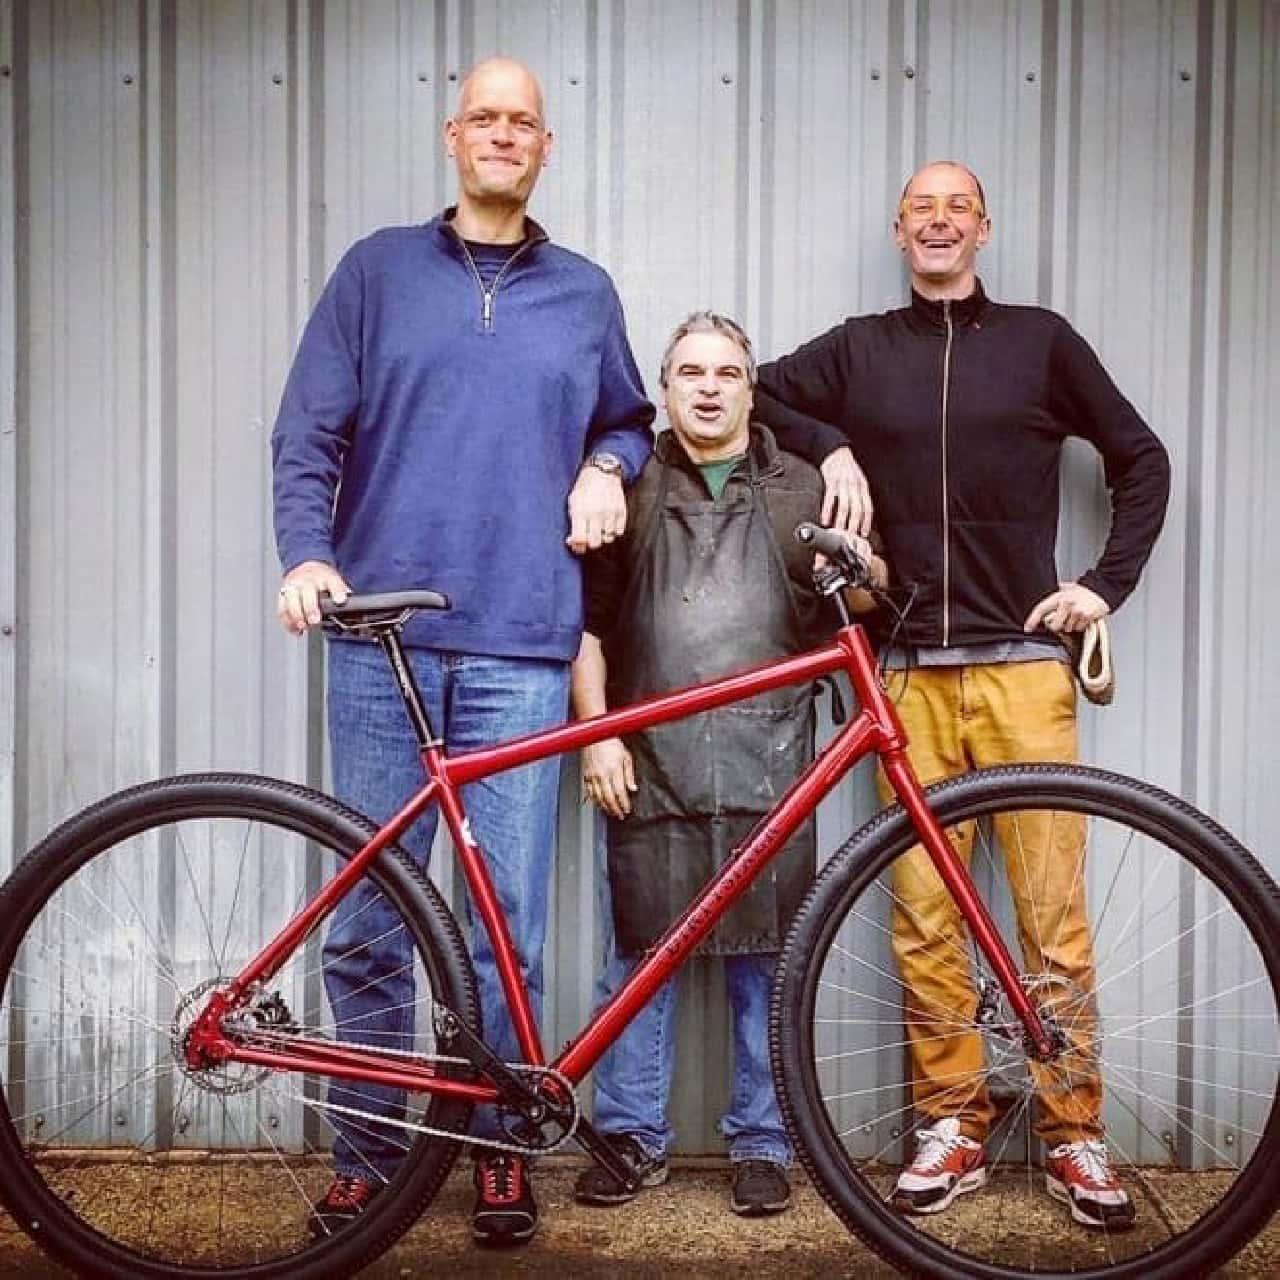 36インチの自転車「DirtySixer」